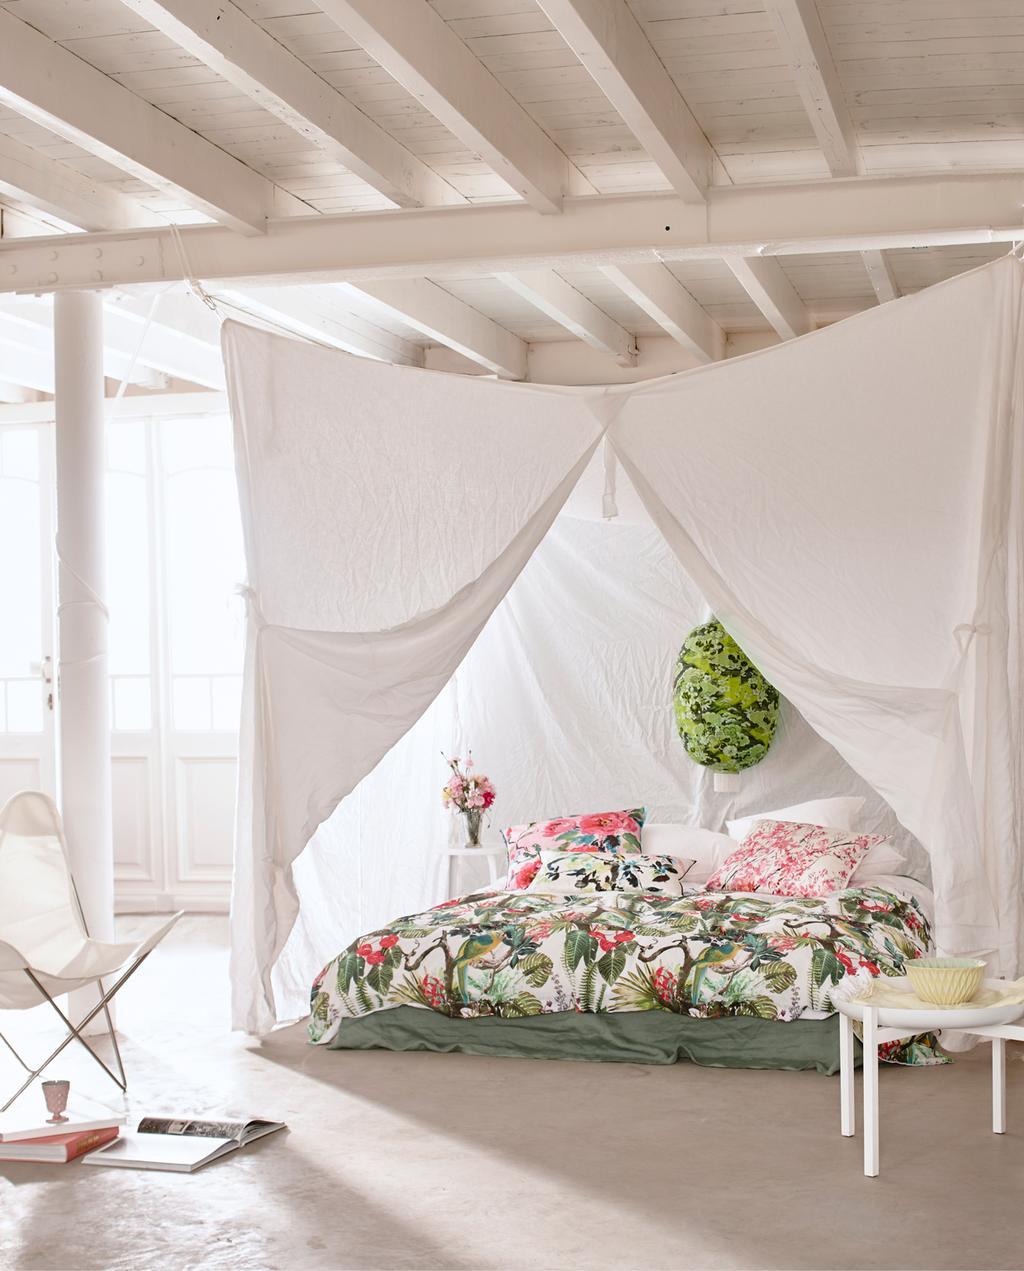 vtwonen 05-2015 | styling Cleo Scheulderman, fotografie Jeroen van der Spek | 7x stylen met bloemen in huis | slaapkamer | bed